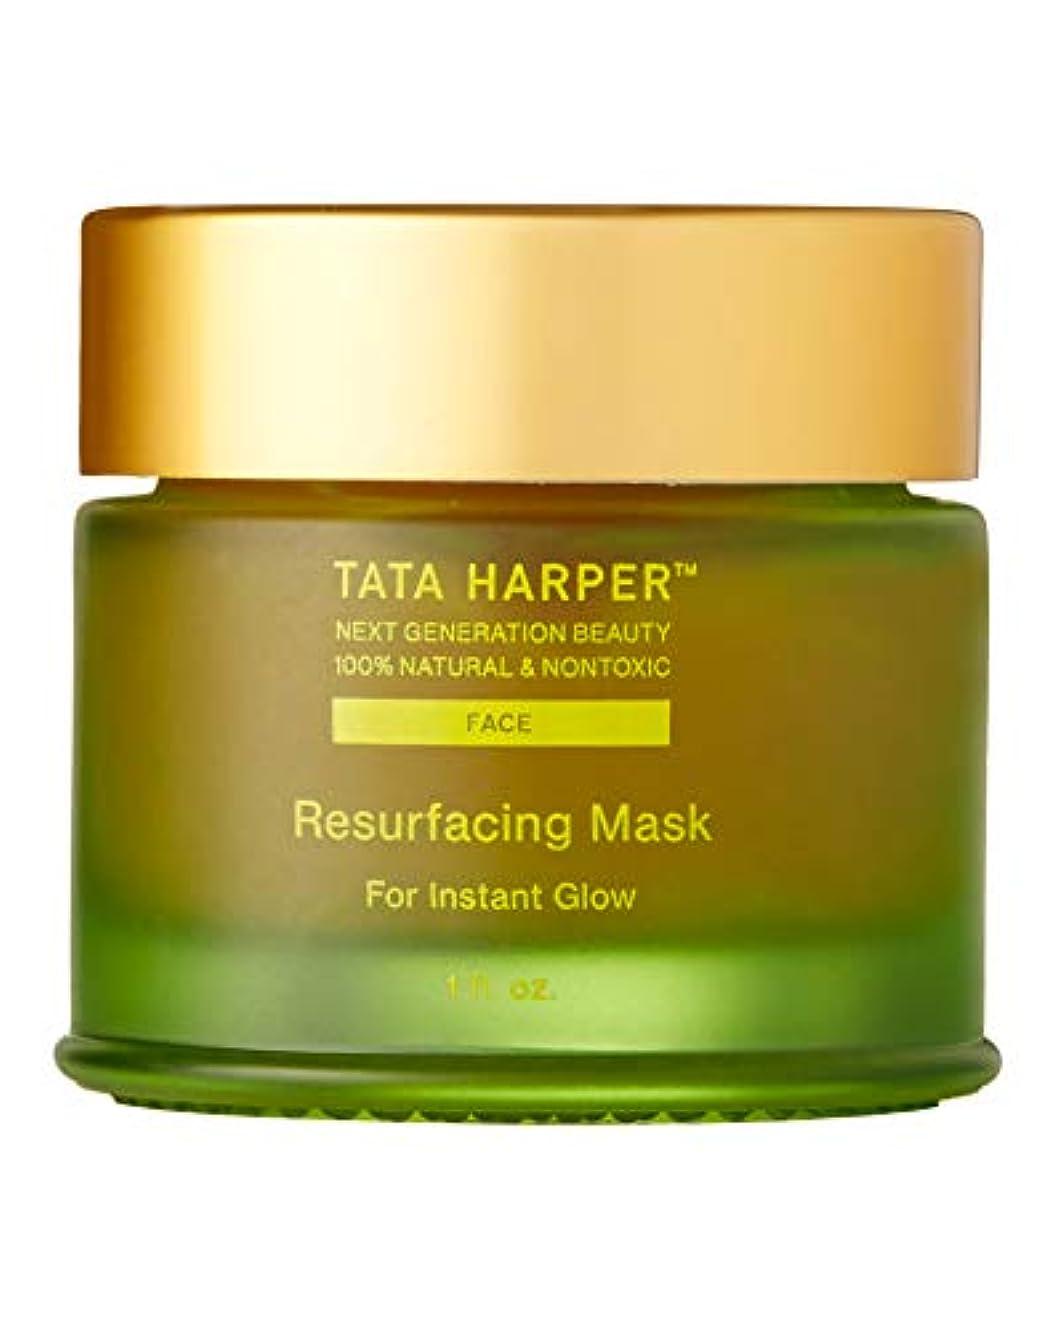 変なアクセシブルスポンジTata Harper Resurfacing Mask 30ml タタハーパー リサーフェシング マスク